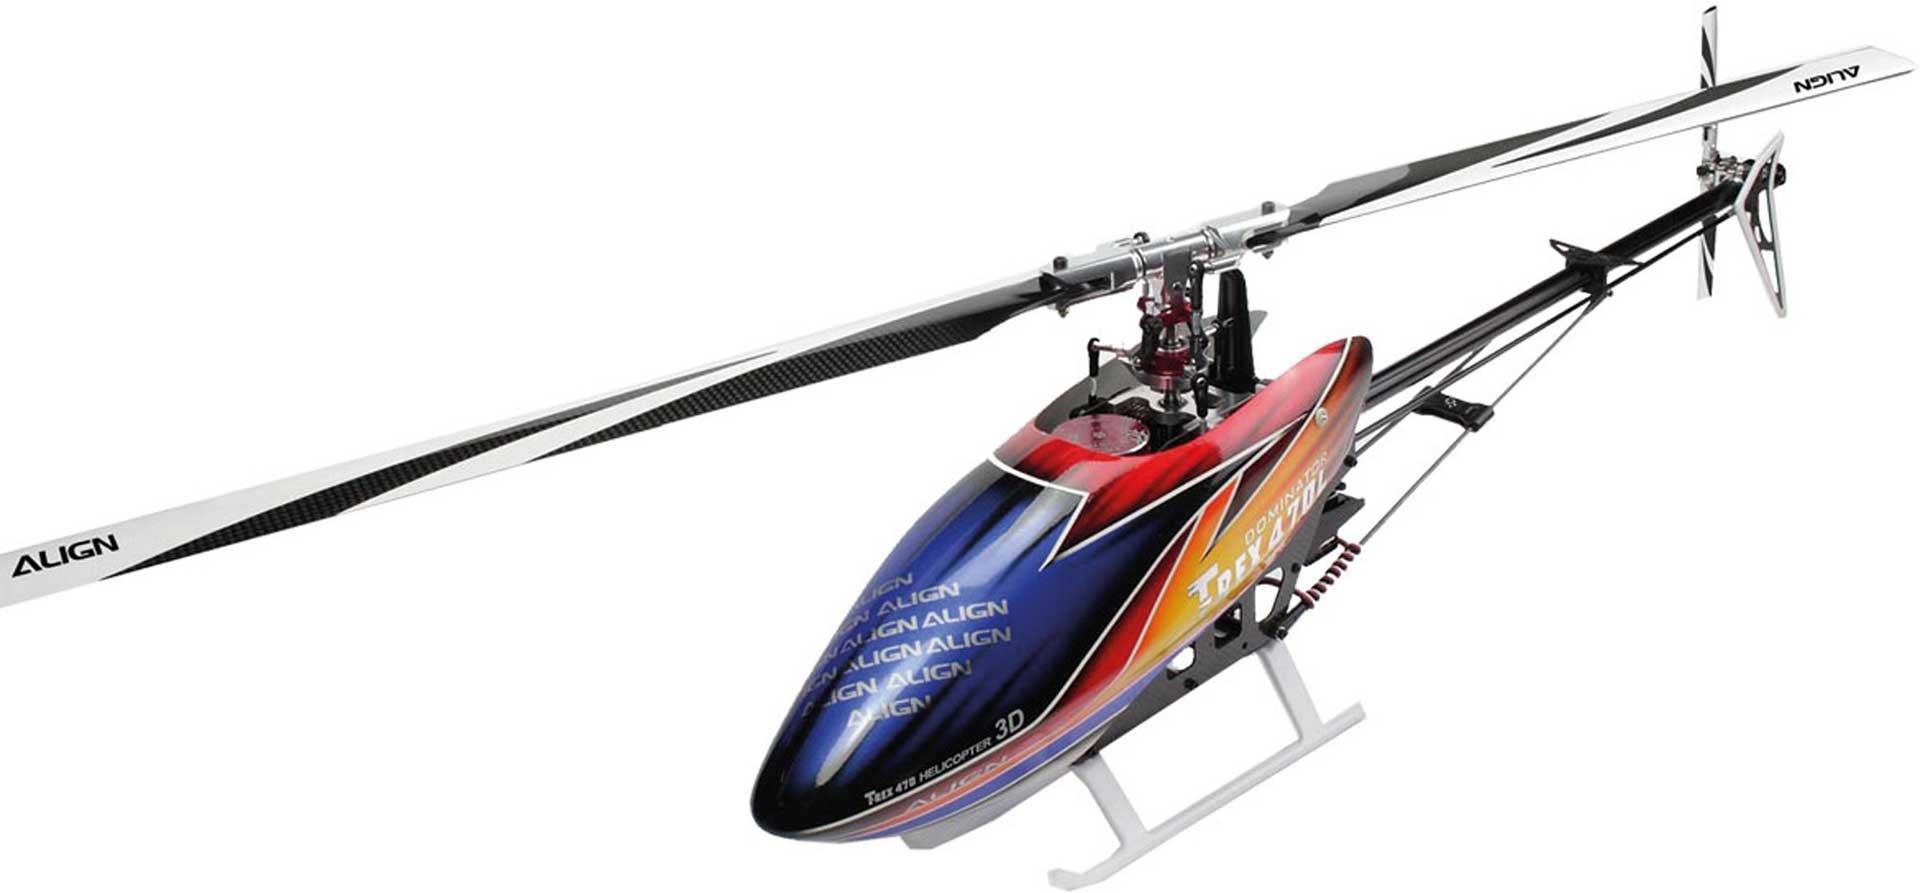 ALIGN T-REX 470LM DOMINATOR SUPER COMBO Hubschrauber / Helikopter